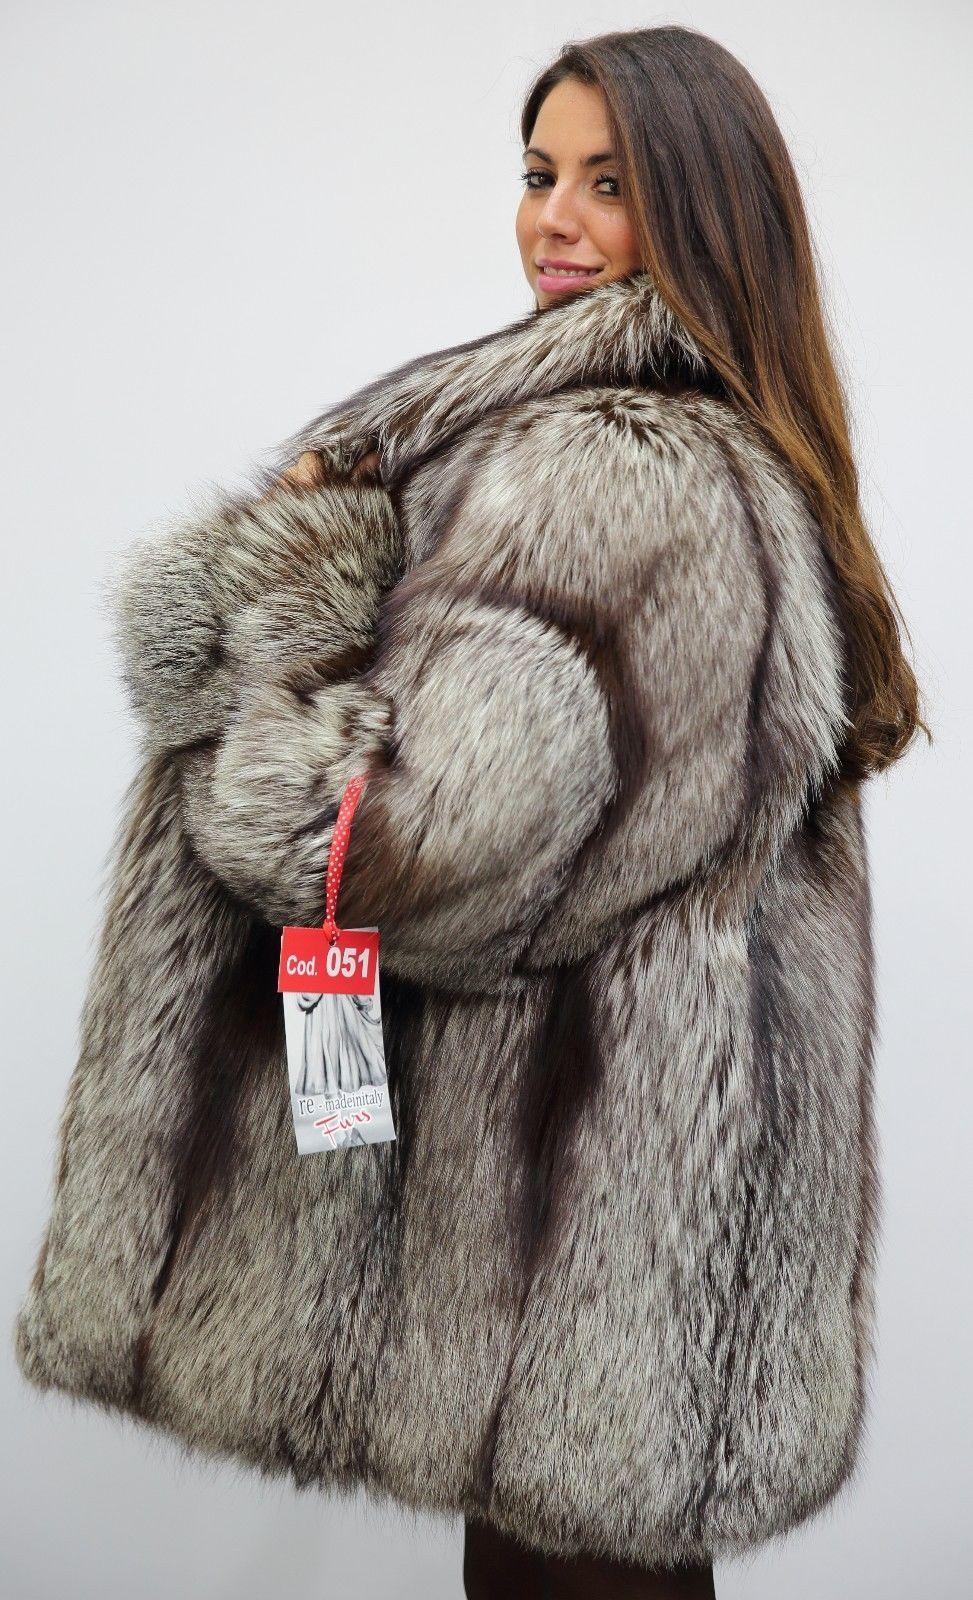 ac75dfd6a2 Pin szerzője: Roxana Russo, közzétéve itt: Roxana wonderful fur world | Fur  Coat, Fur és Coat